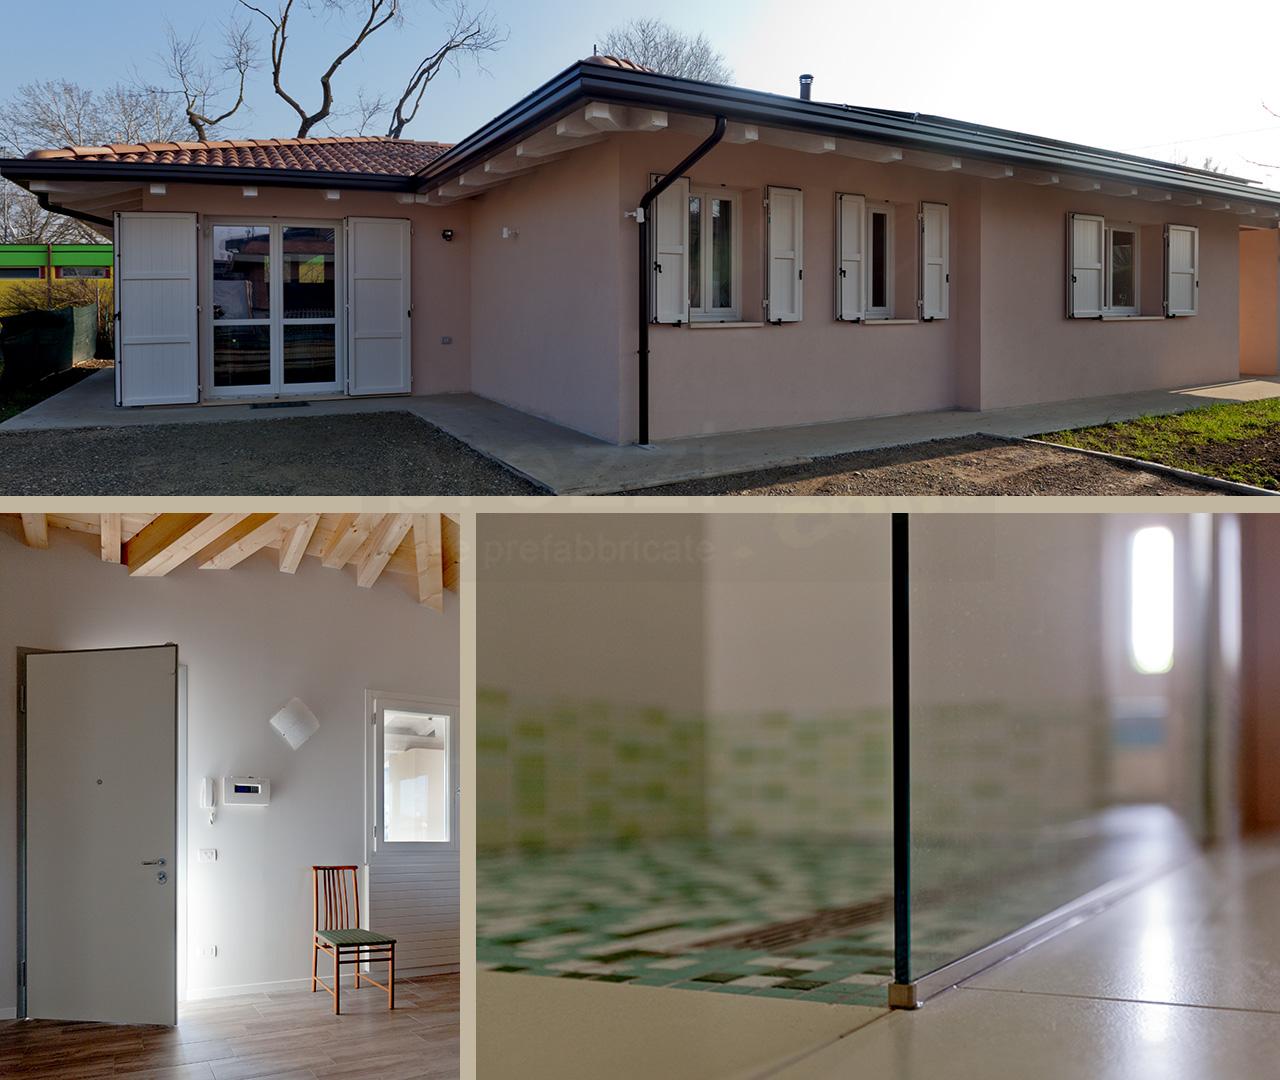 case-prefabbricate-Modena-Rovereto-Fix case prefabbricate Modena,  Rovereto sulla Secchia